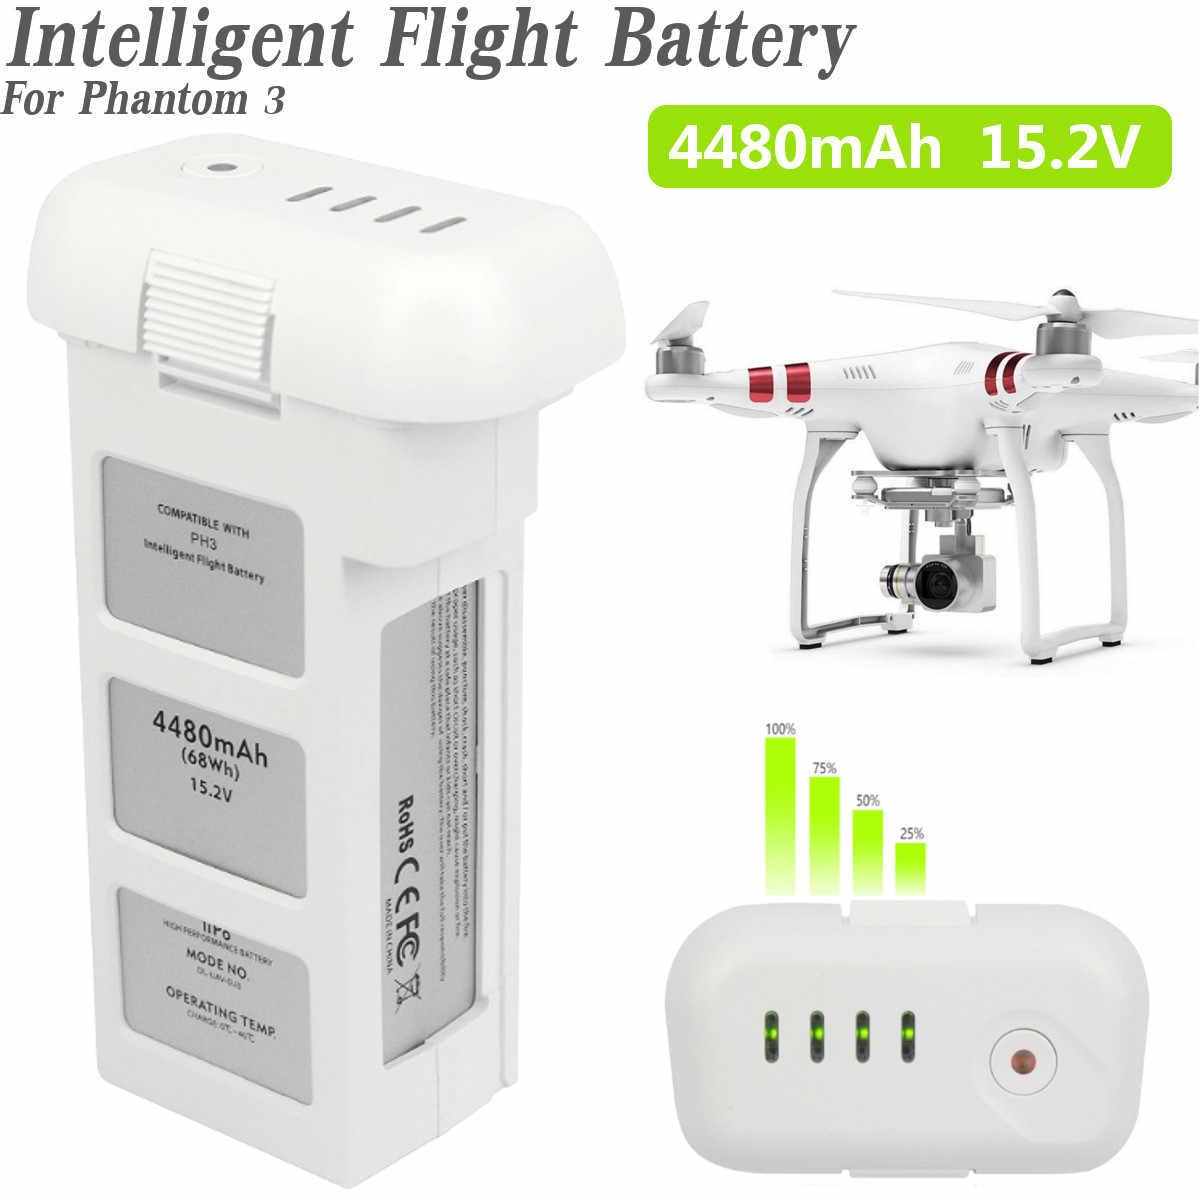 4480 mAh Подлинная DJI Phantom 2 3 интеллектуальная летная батарея 15,2 V, LiPo 4S 856678 P потребительская электронная батарея дрона 2019 Новинка